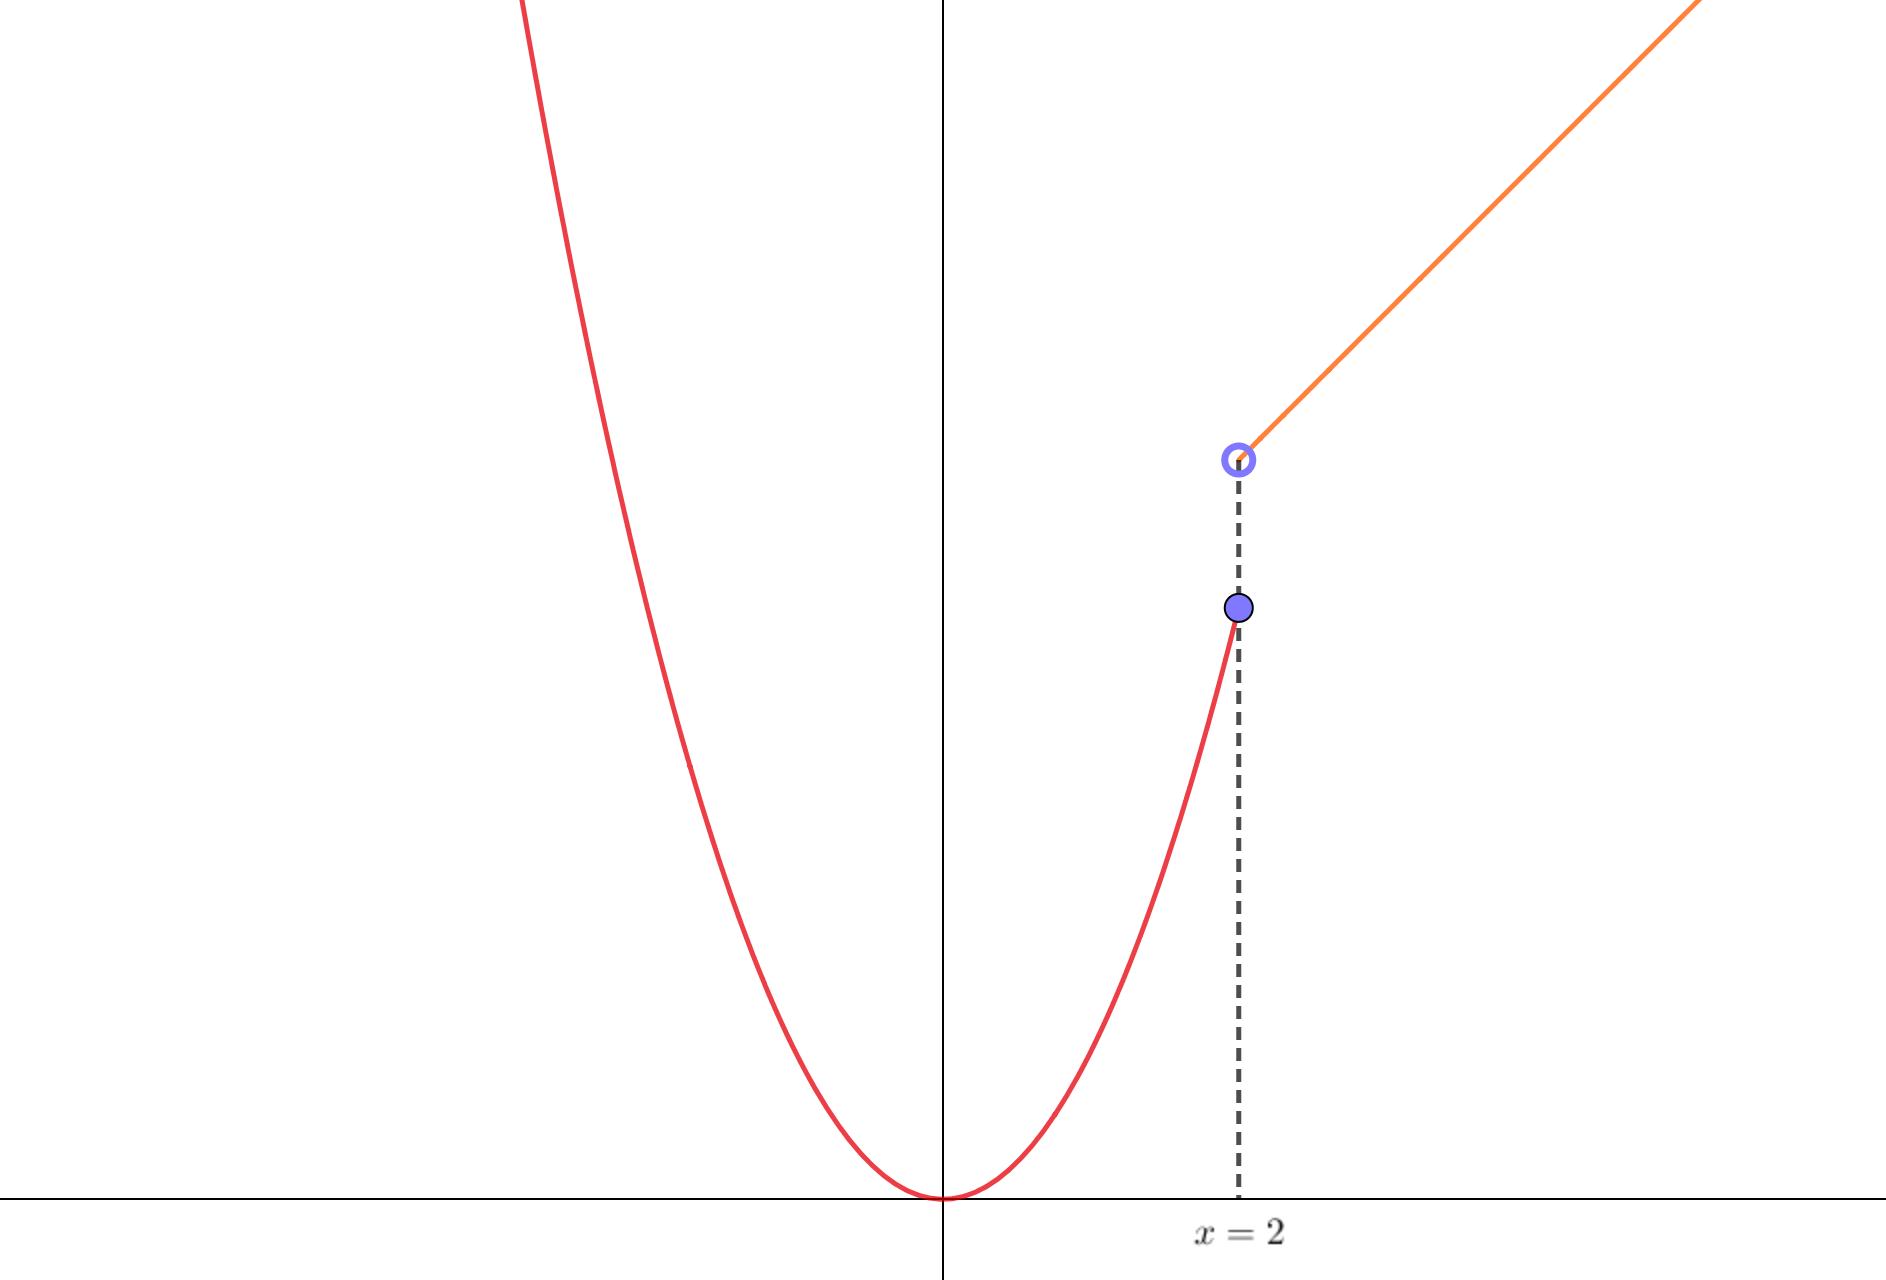 連続でないグラフは極限値が一致しない